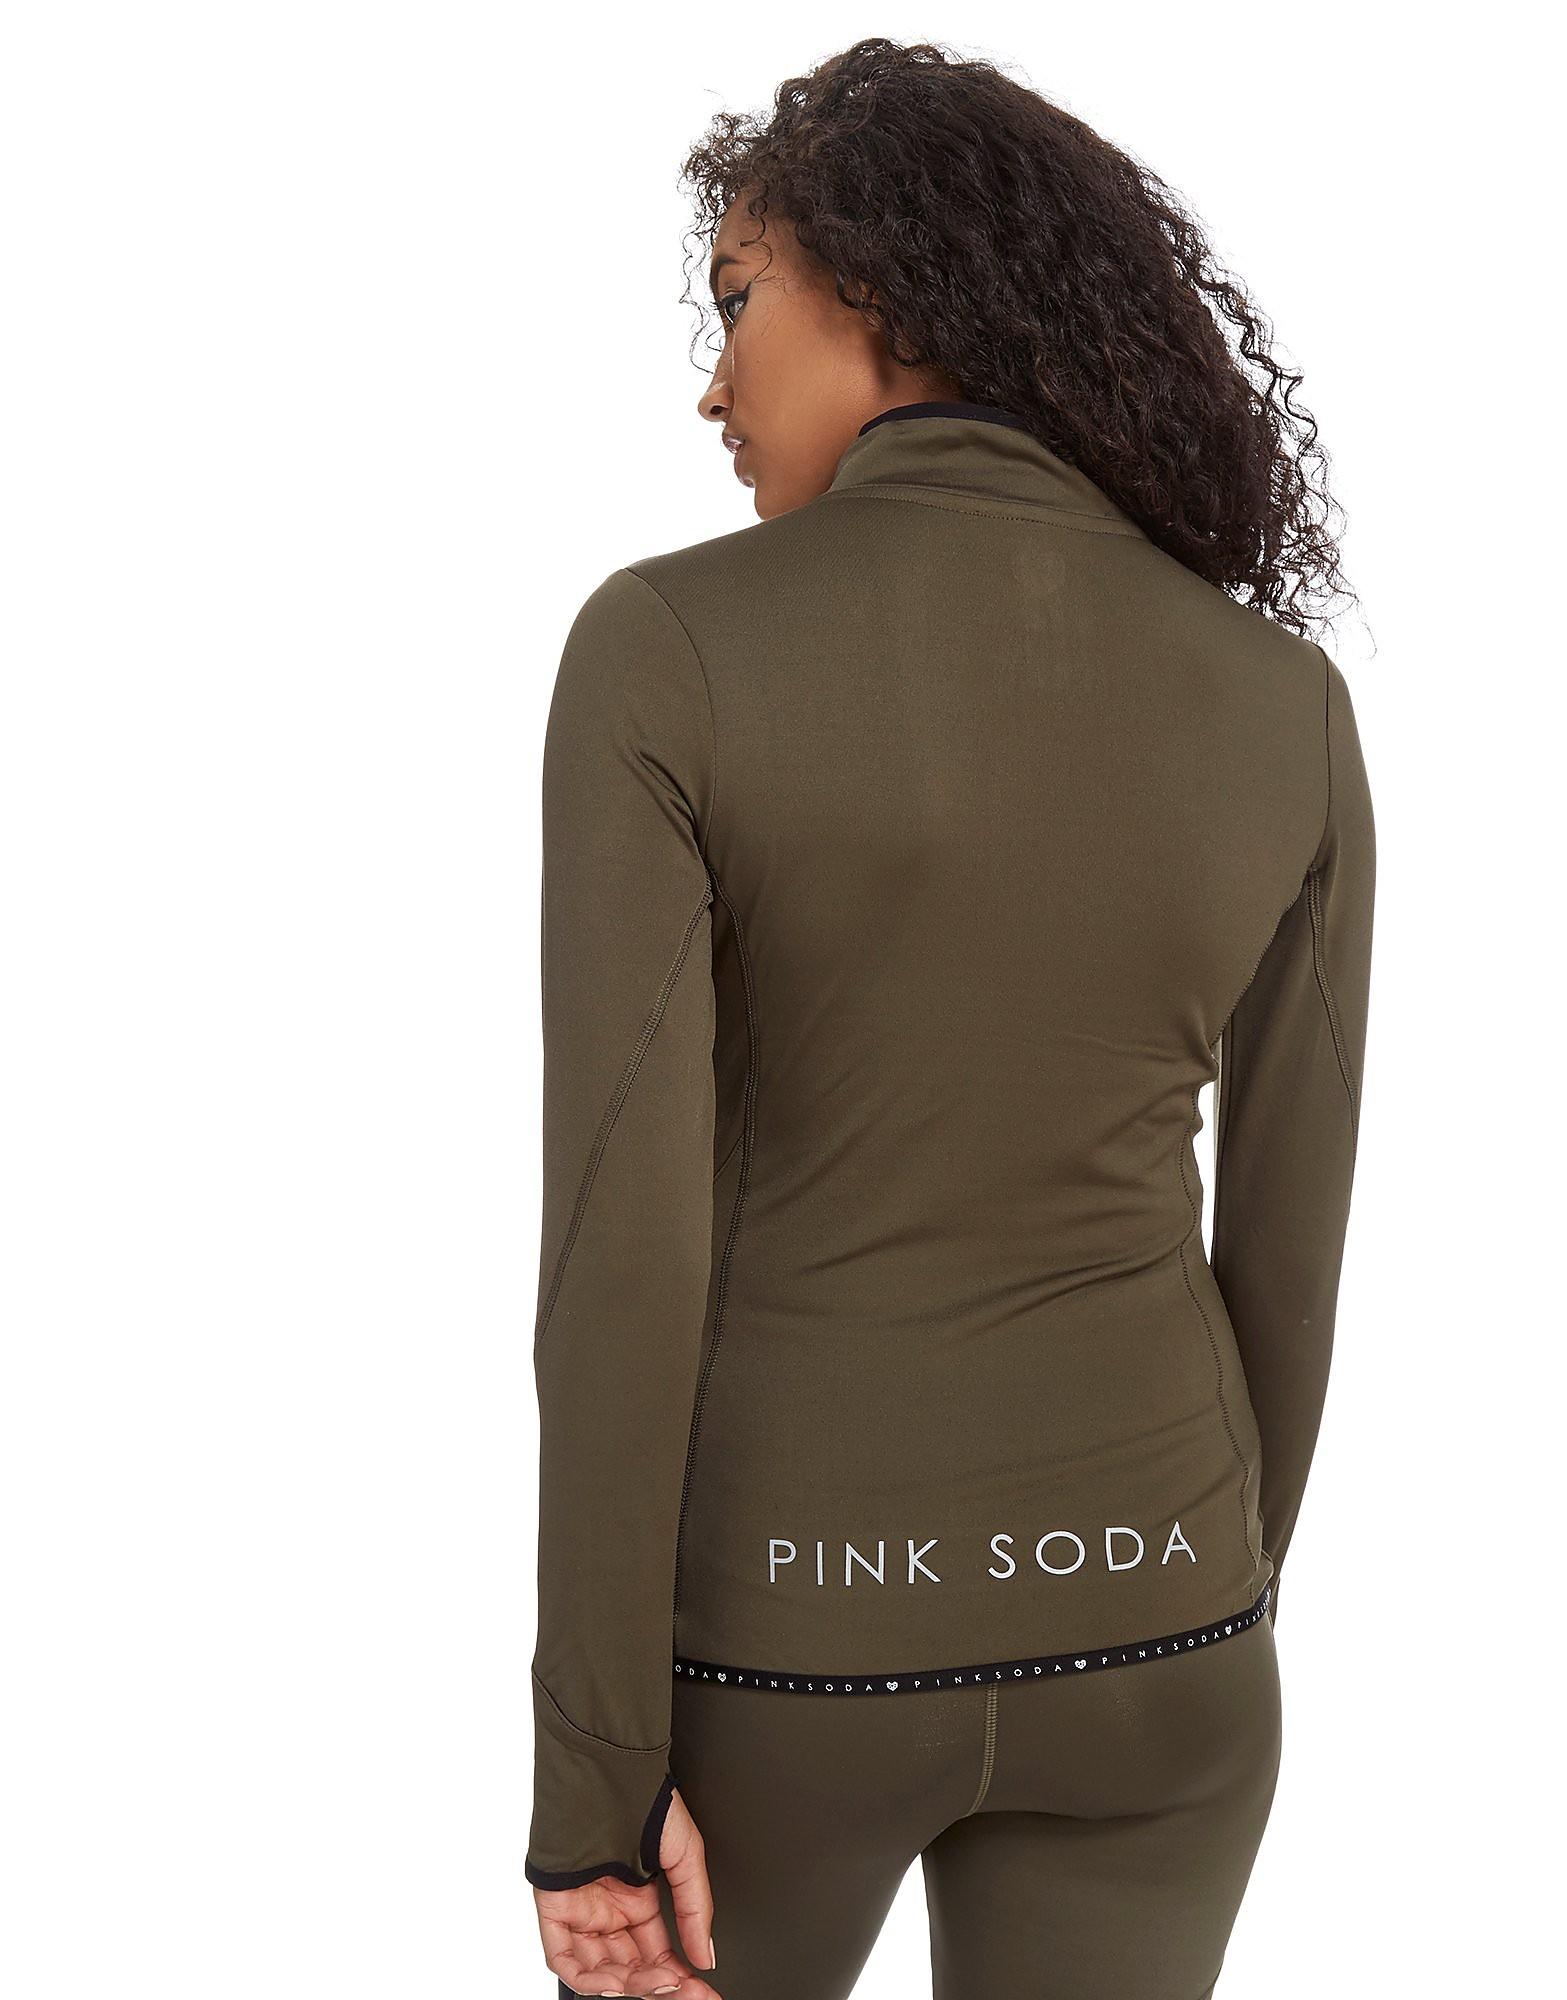 Pink Soda Sport Longsleeve Fitness Top